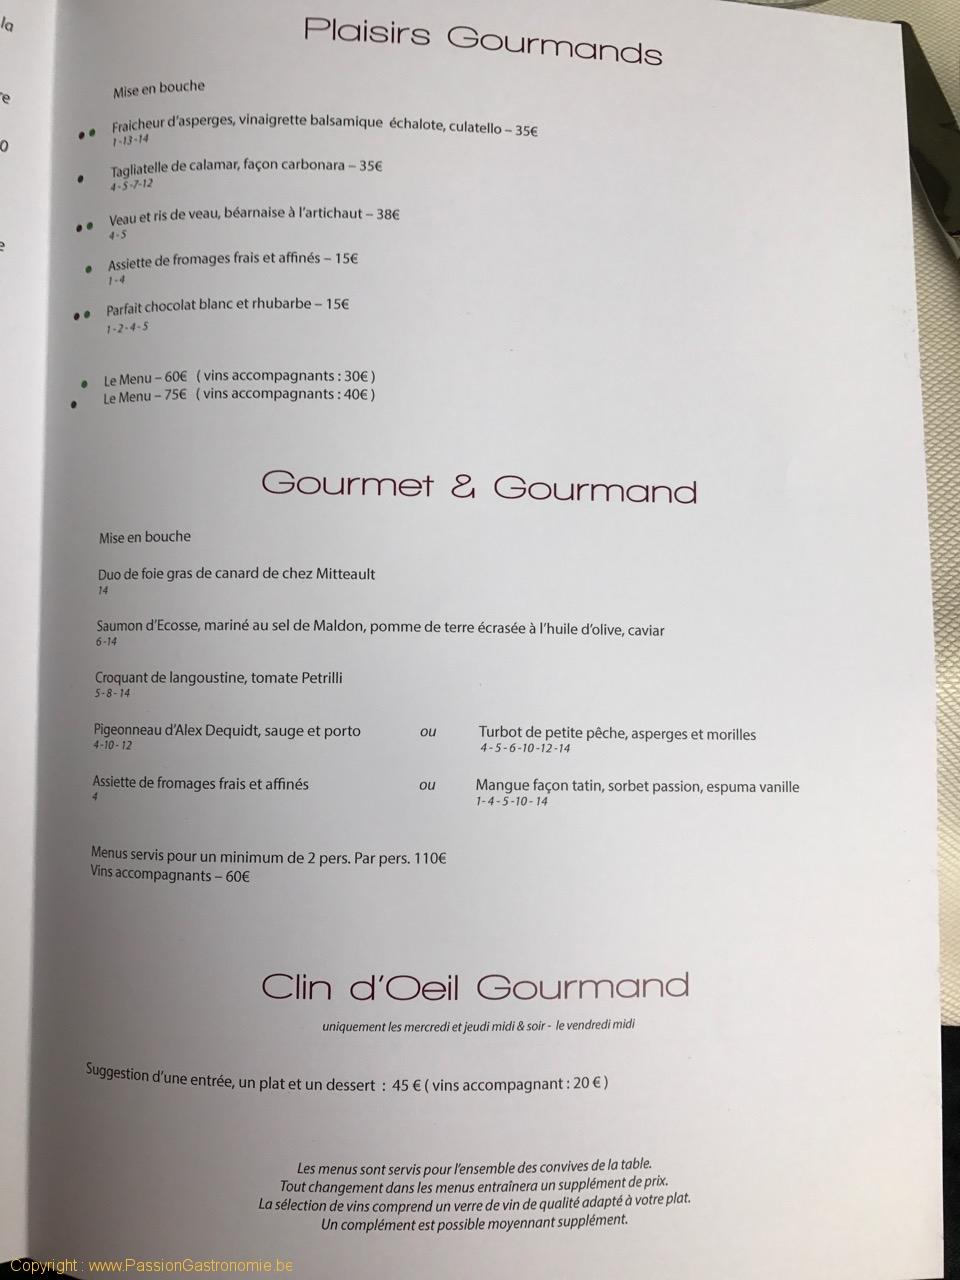 Restaurant Les Gourmands - Les menus